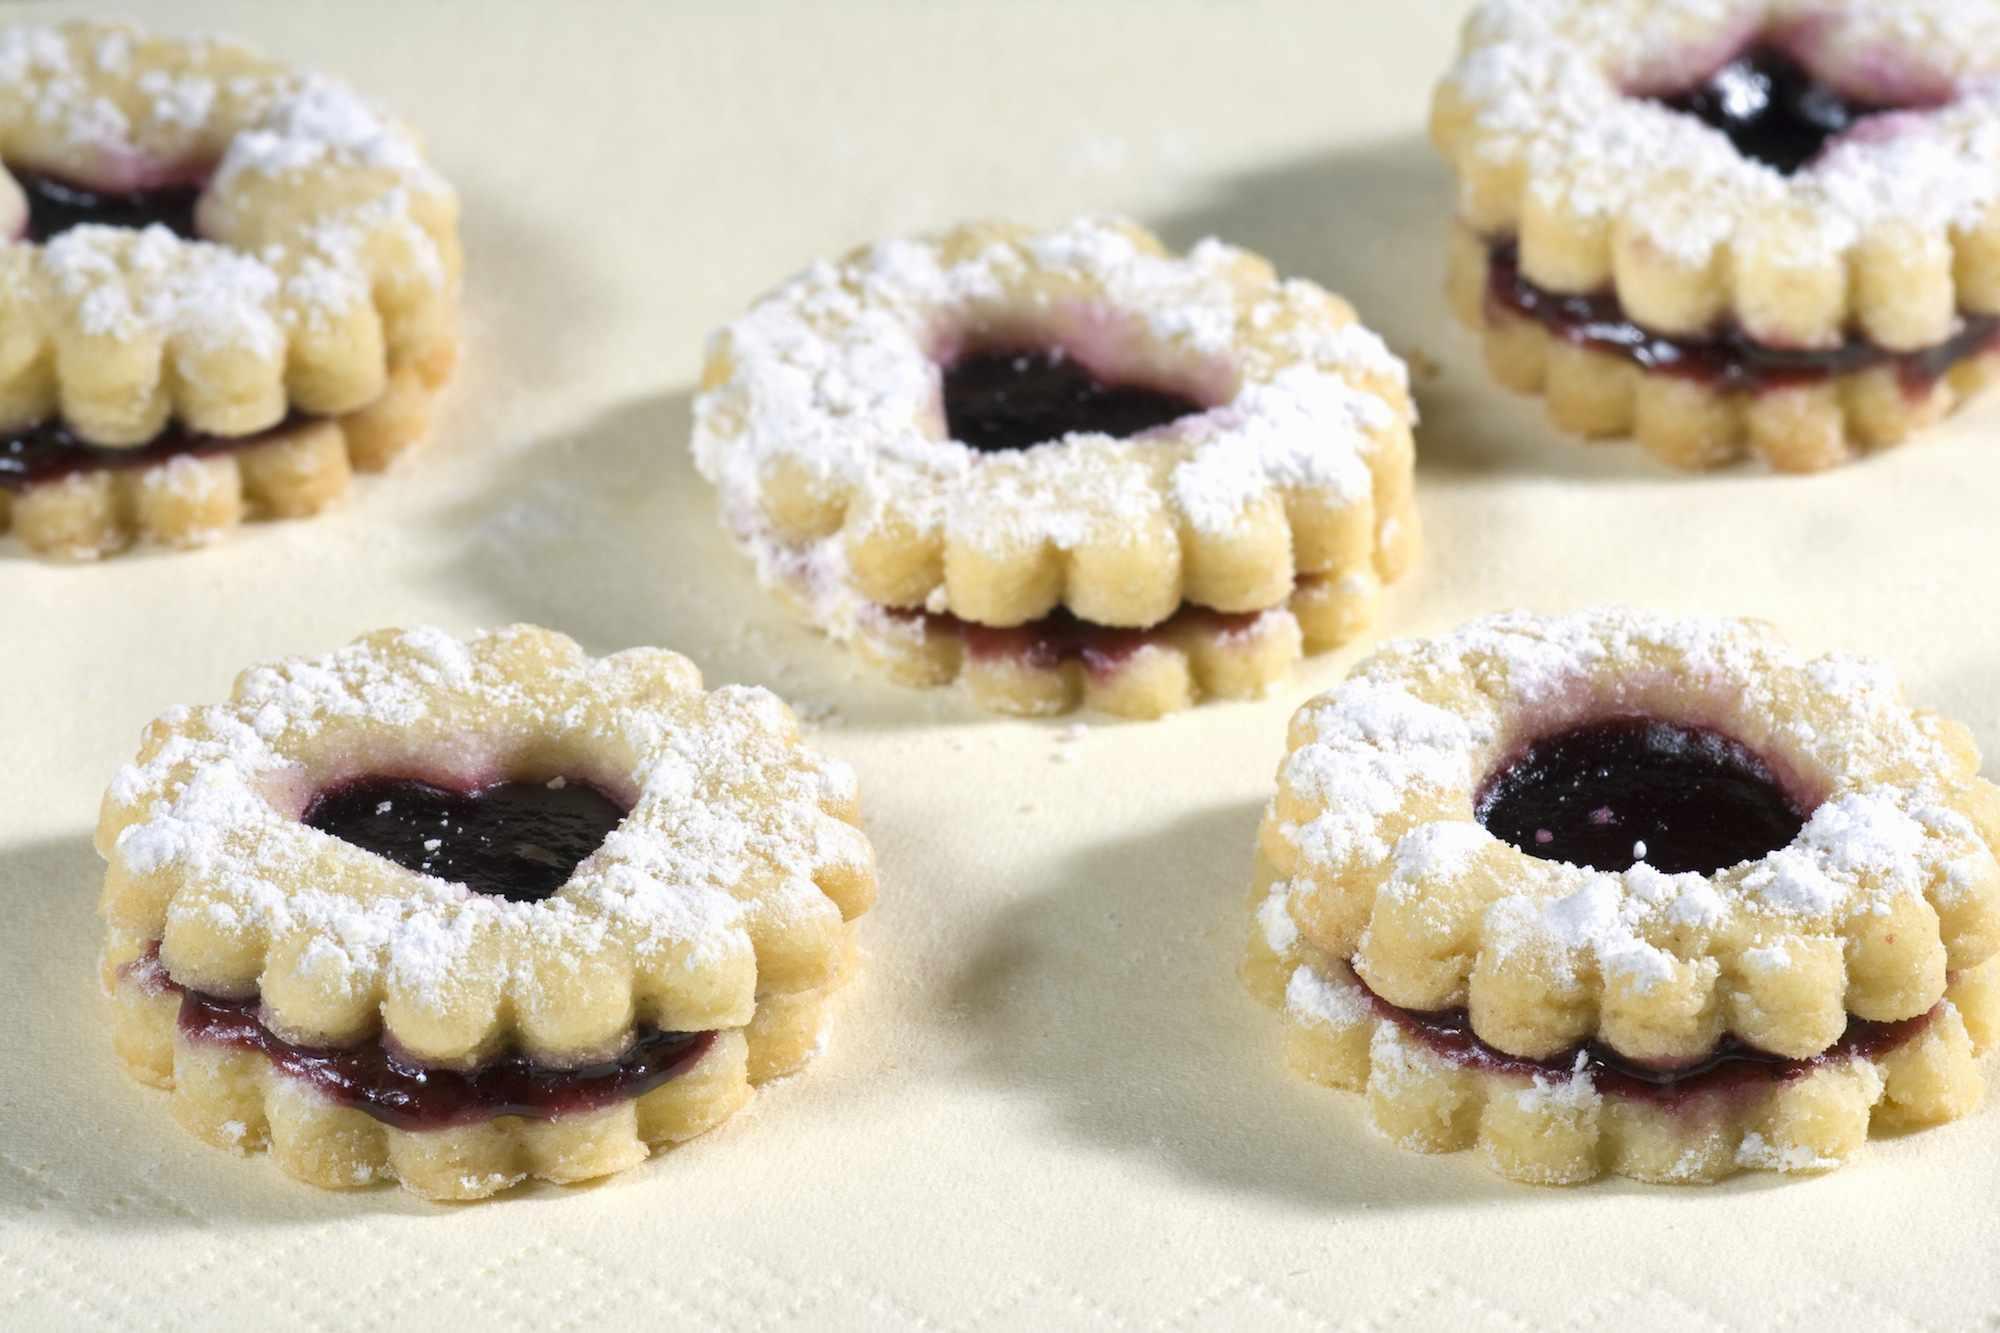 Bulgarian Christmas Jam-Filled Cookie (Maslenki) Recipe